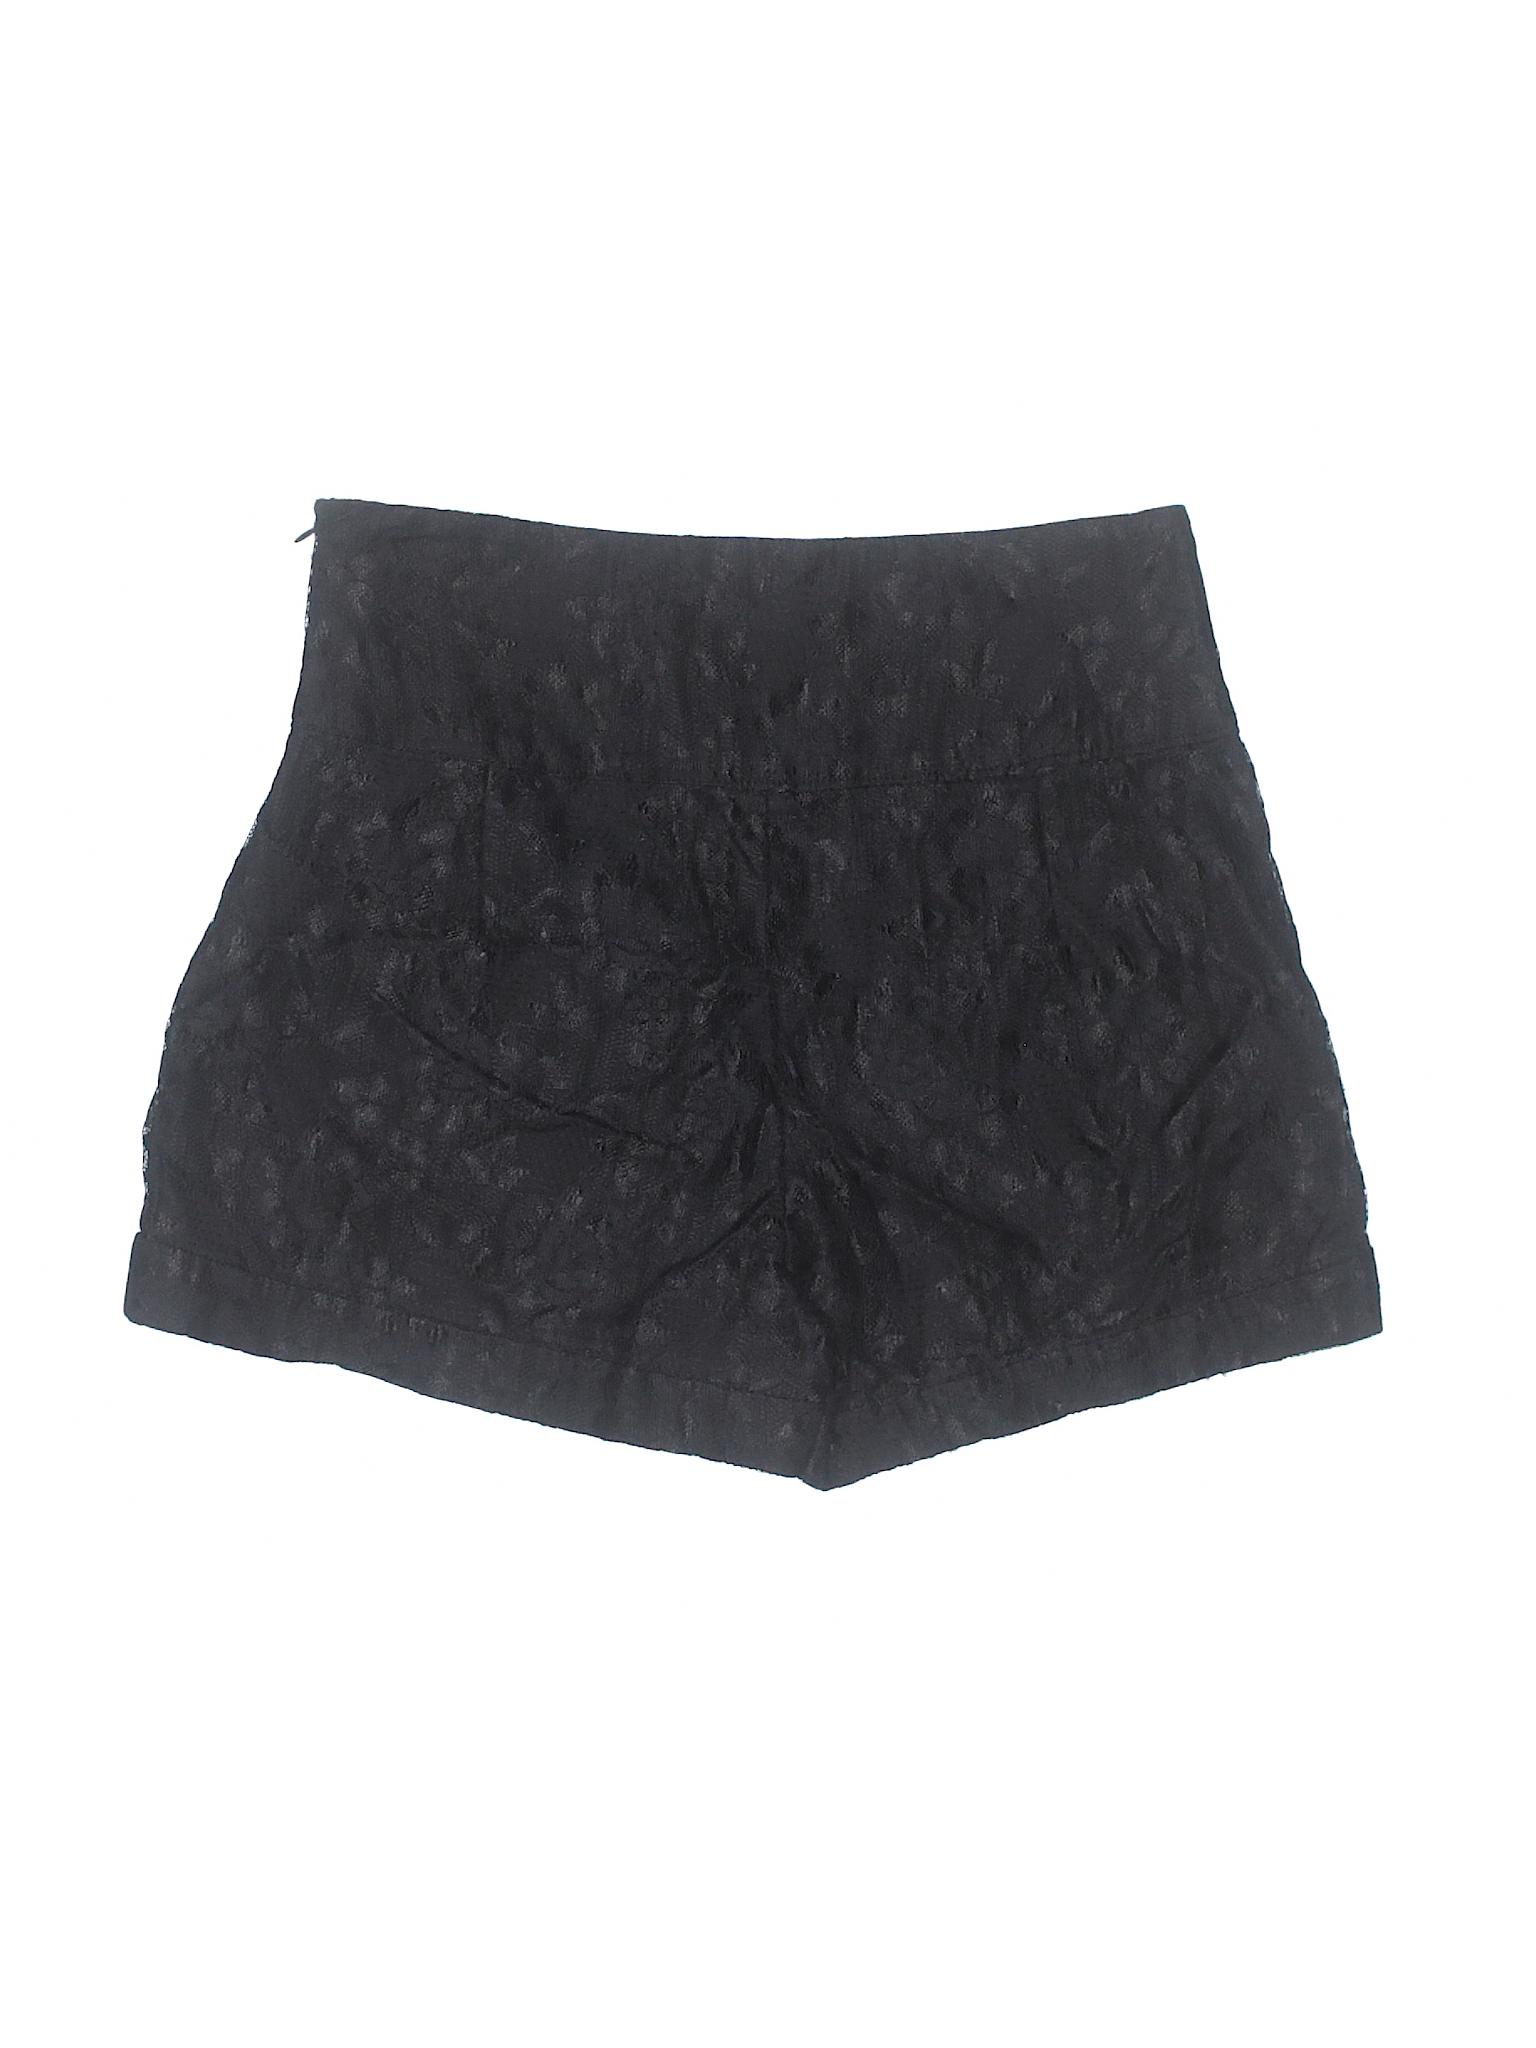 Sans Sans Shorts Dressy Souci Dressy Souci Boutique Sans Souci Shorts Boutique Boutique q6B55xZA